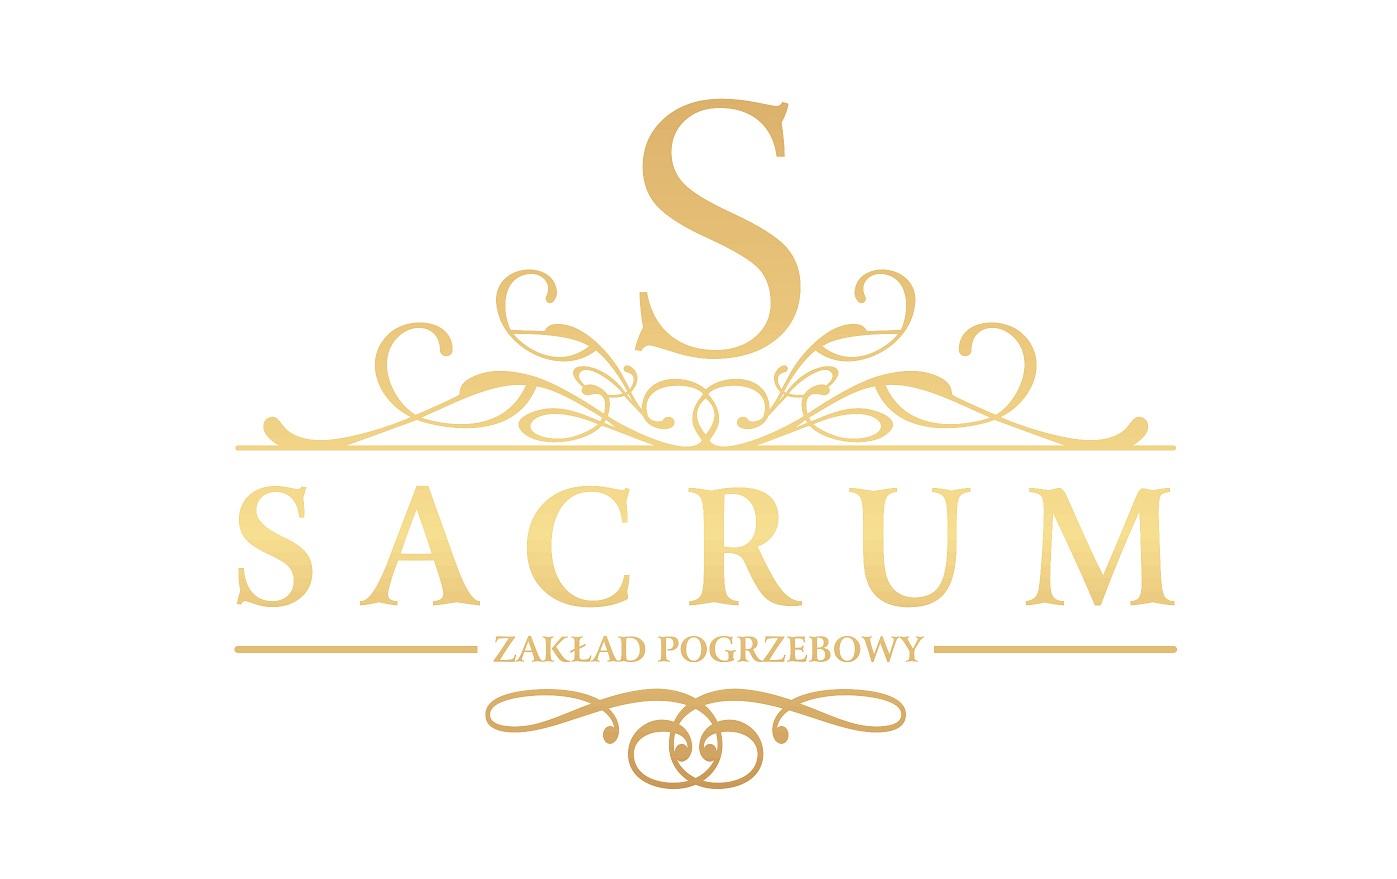 SACRUM Zakład Usług Pogrzebowych 24h